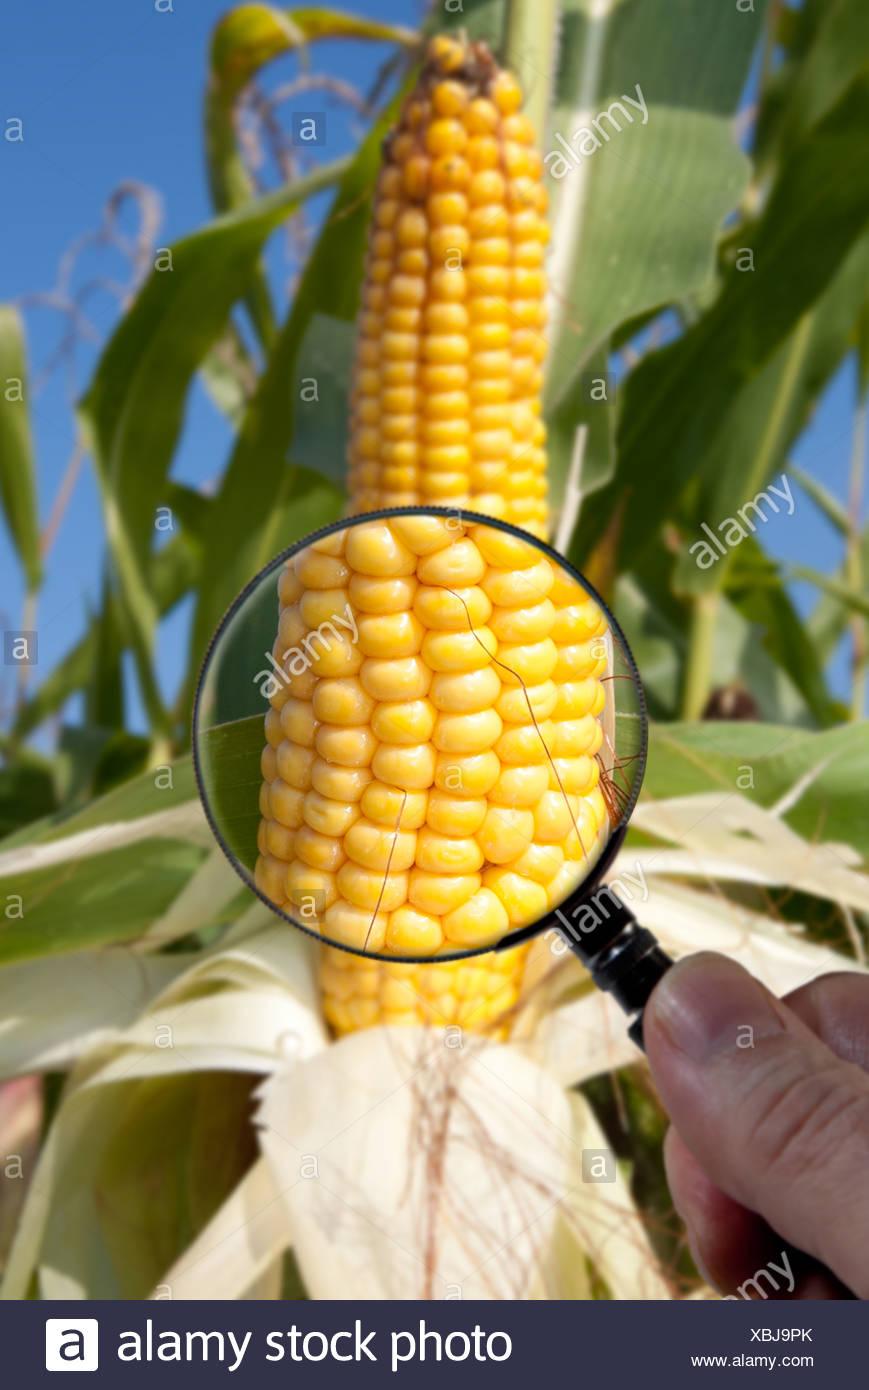 Le maïs génétiquement modifié ou du maïs est examiné sous la loupe Photo Stock